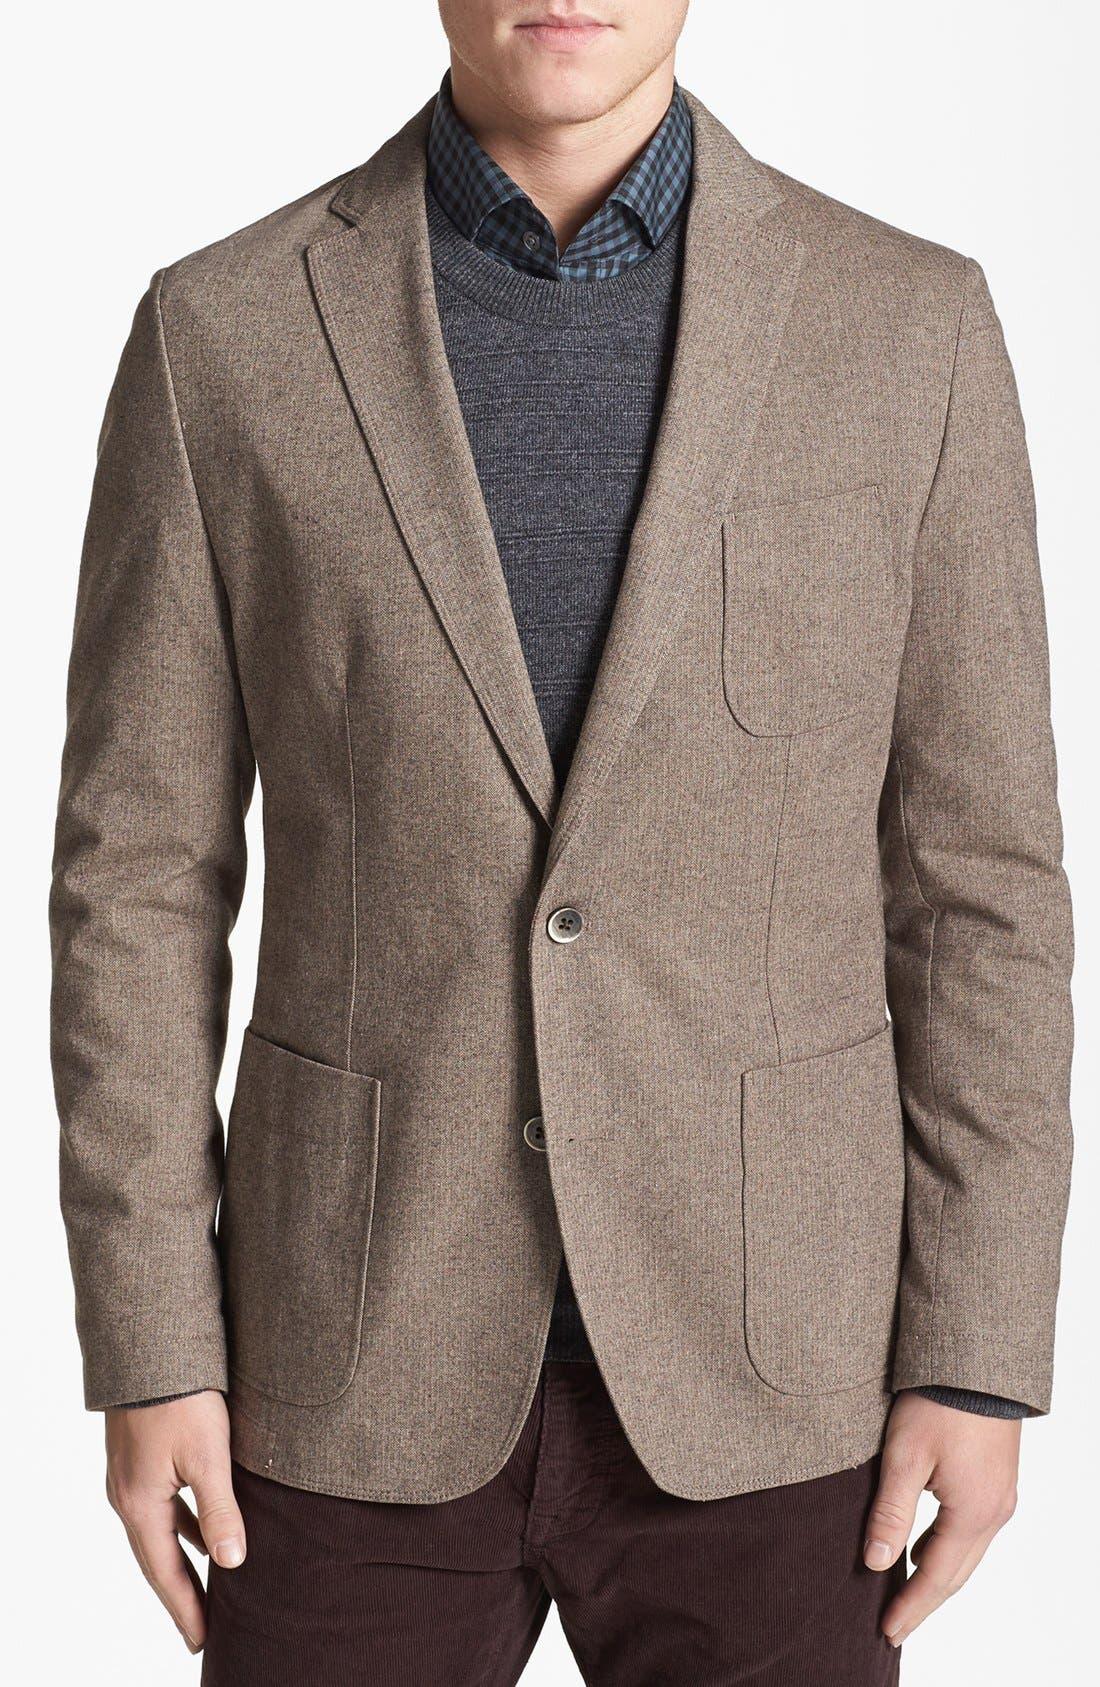 Main Image - BOSS HUGO BOSS 'Morell' Sportcoat